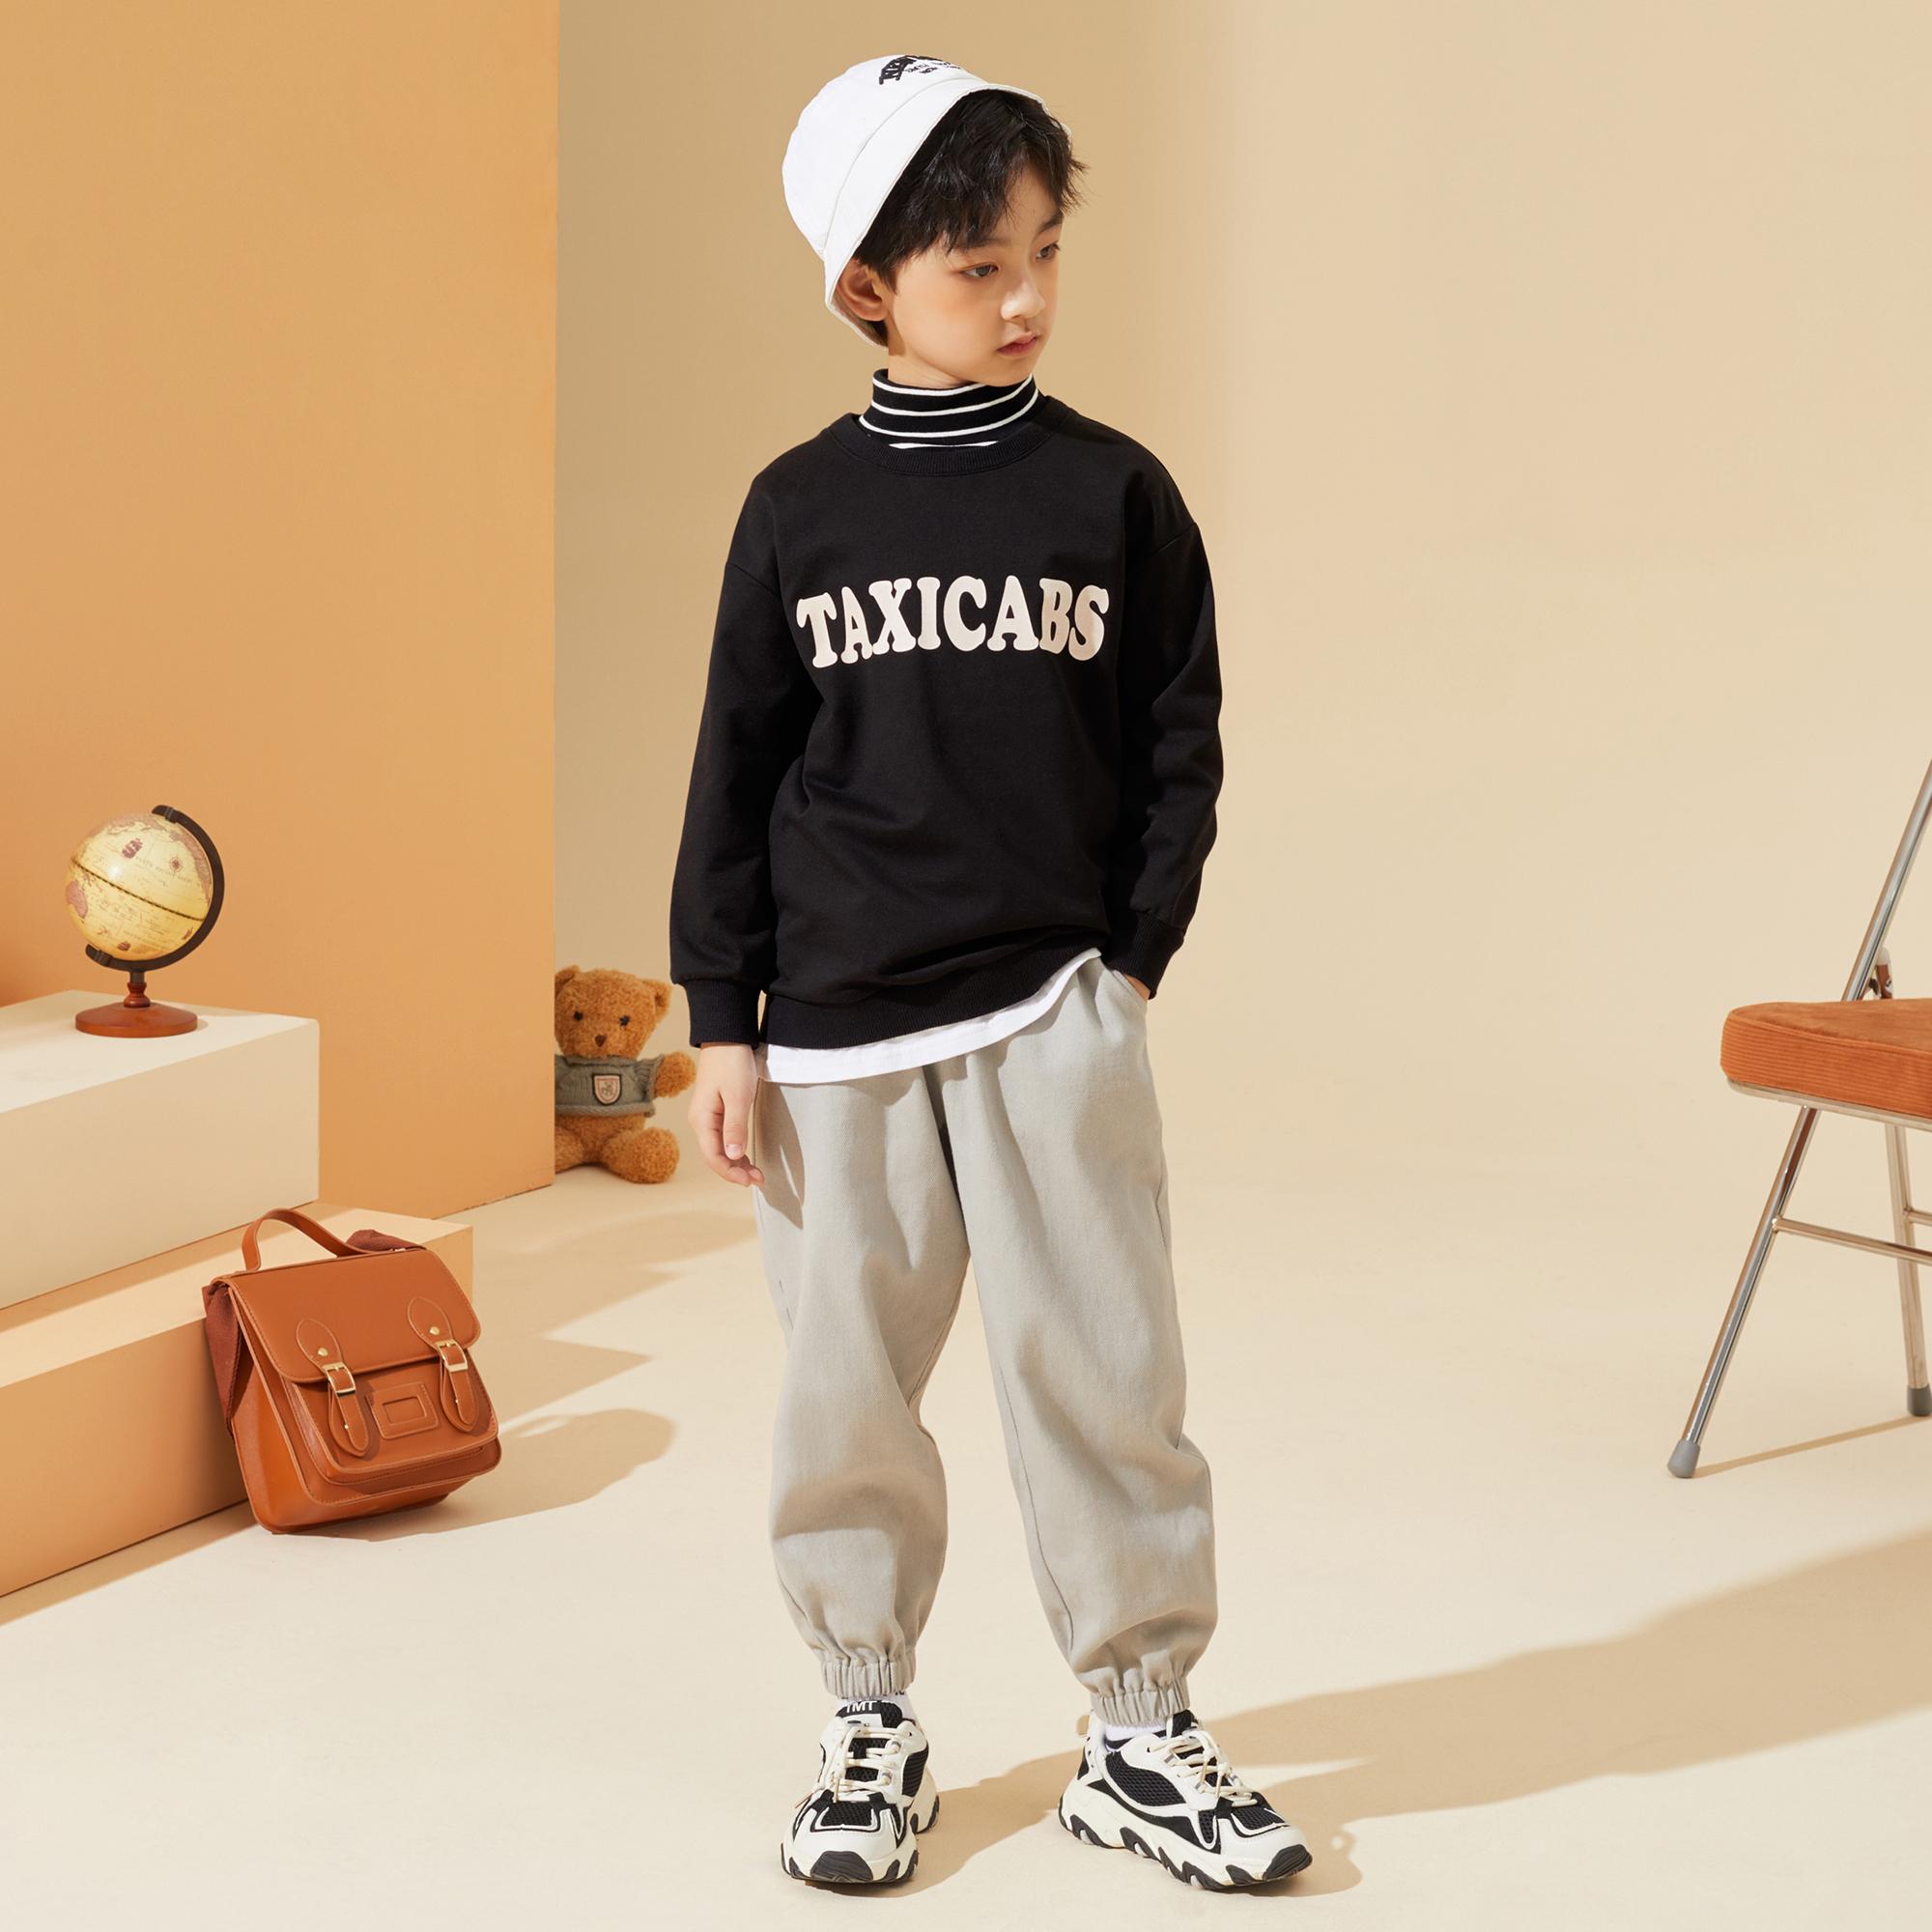 男童套装2021秋装新款儿童猫和老鼠联名款潮酷拼接运动套装潮